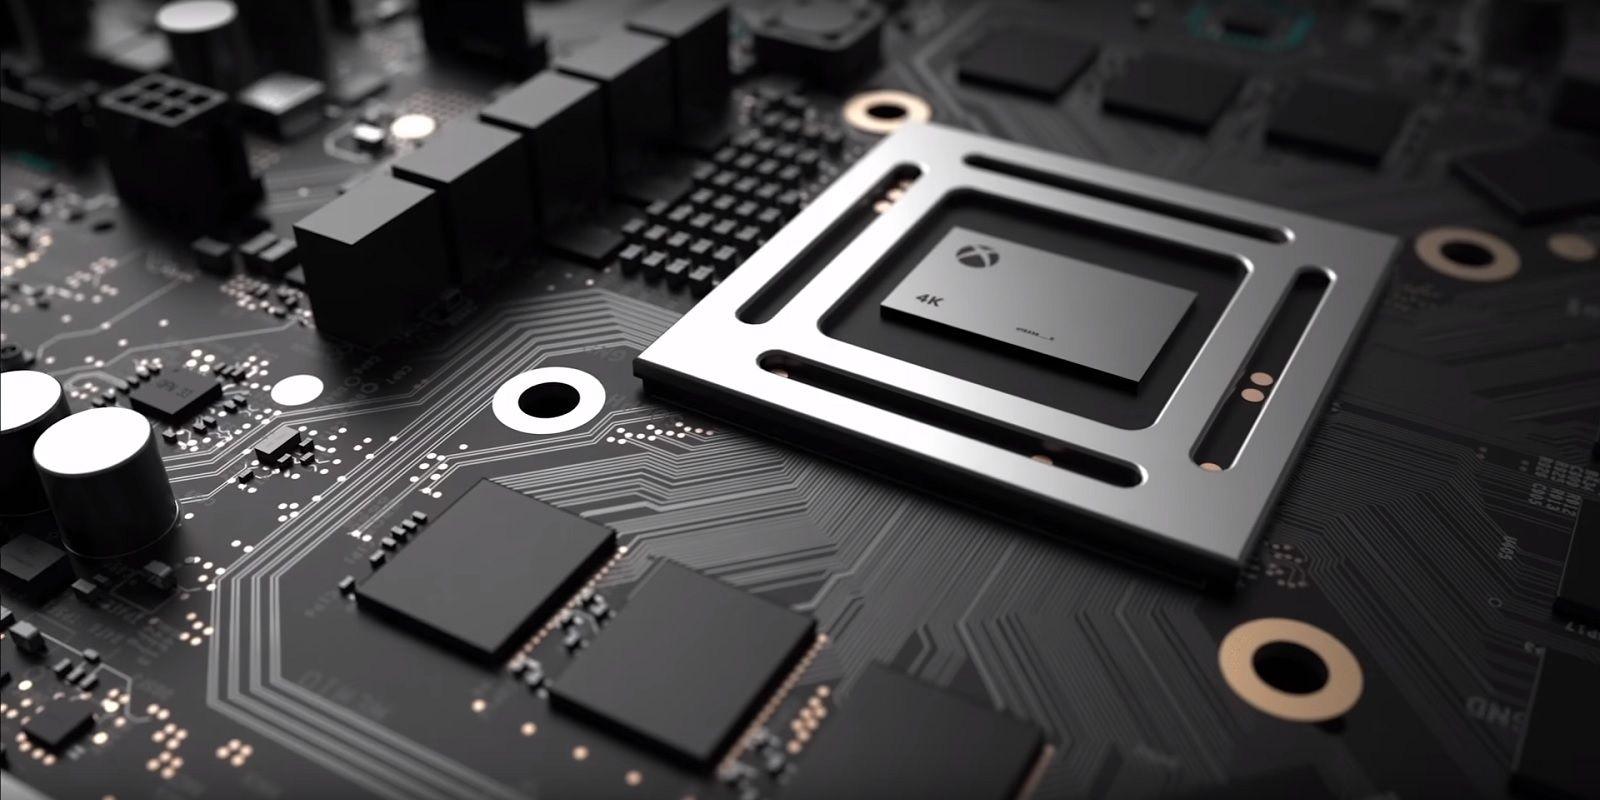 É oficial: Microsoft confirma apresentação do Scorpio na E3